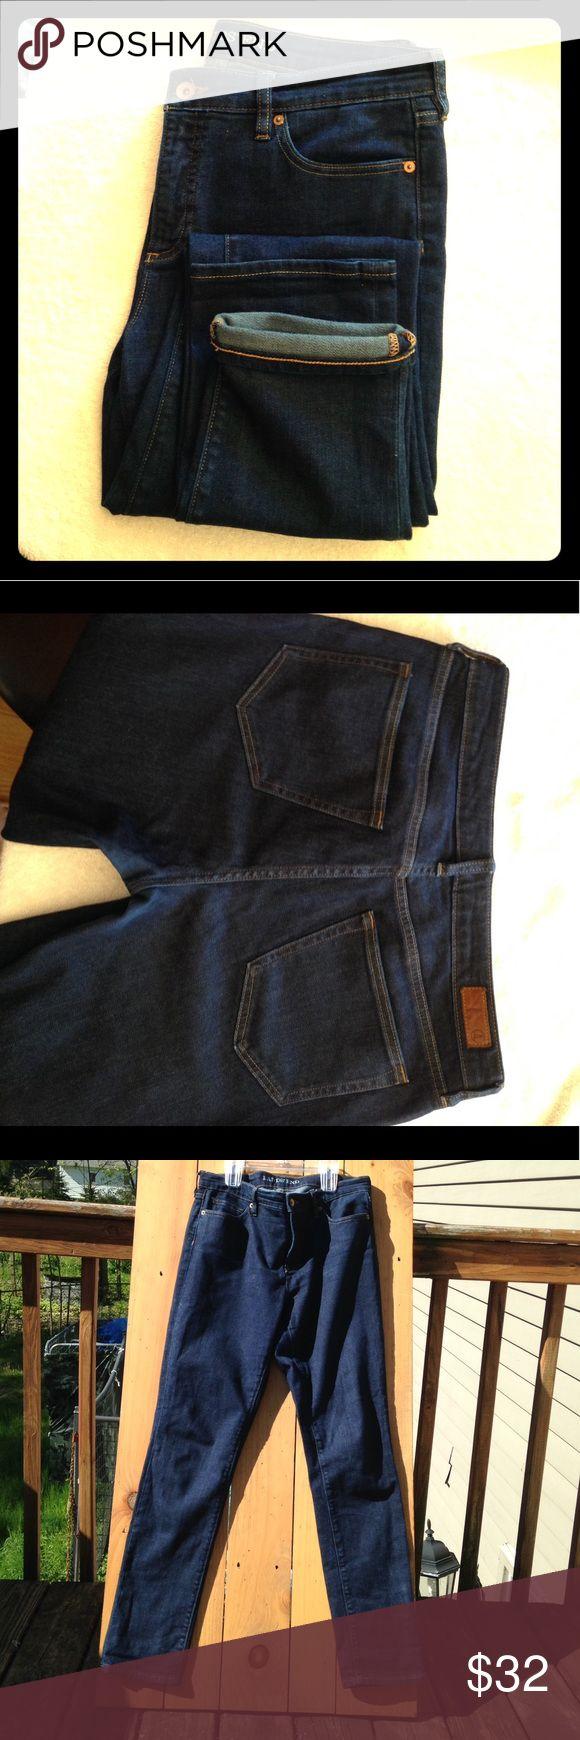 LE Mid Rise Slim Jeans SZ US 10 Lands'End Women's Mid Rise Slim Leg Jeans Size 10 (M)  Good condition Lands' End Pants Straight Leg